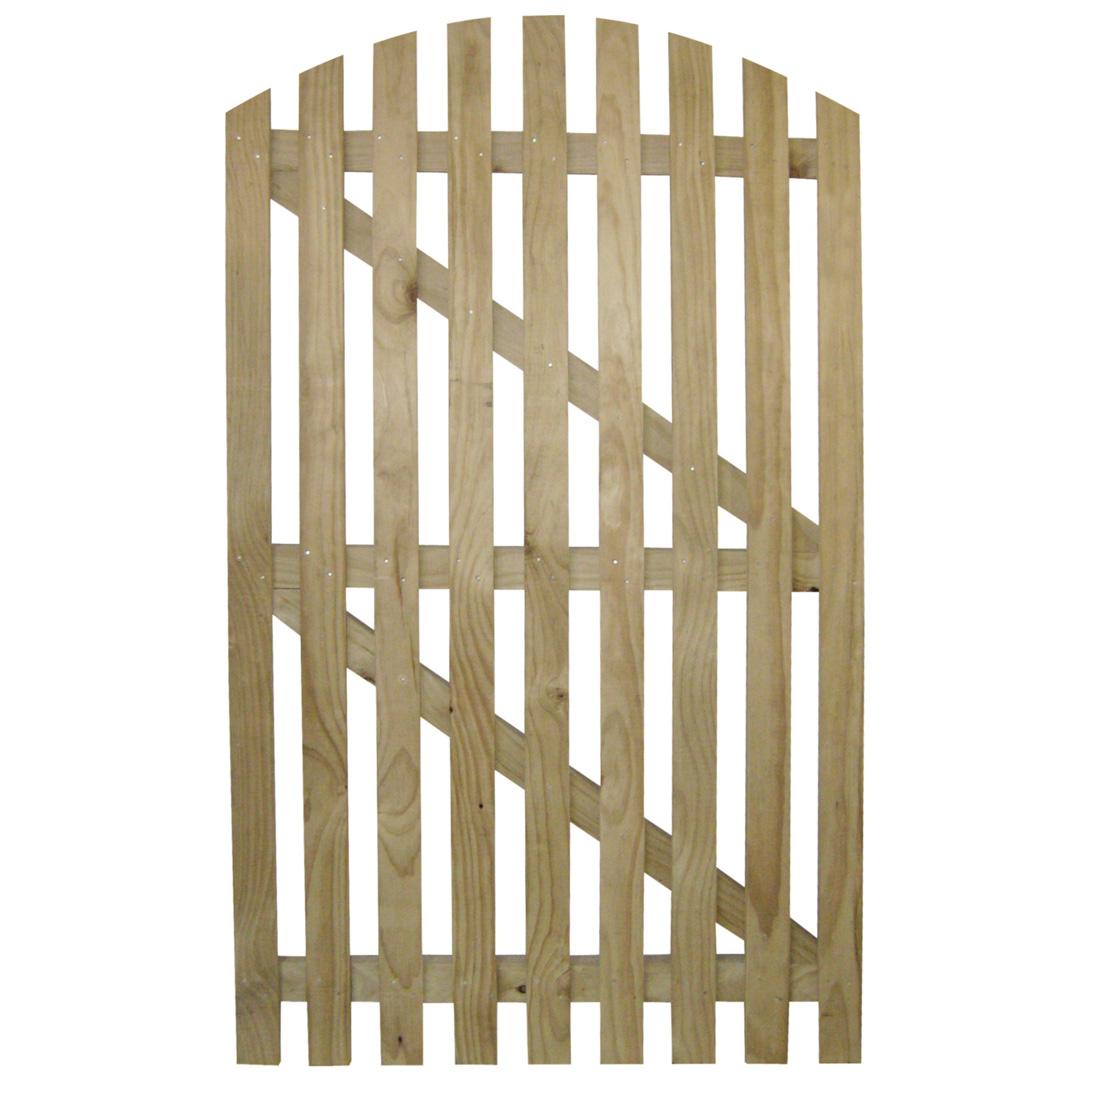 Radiata Round Picket Wooden Gate H3.2 Treated 1800 x 900mm